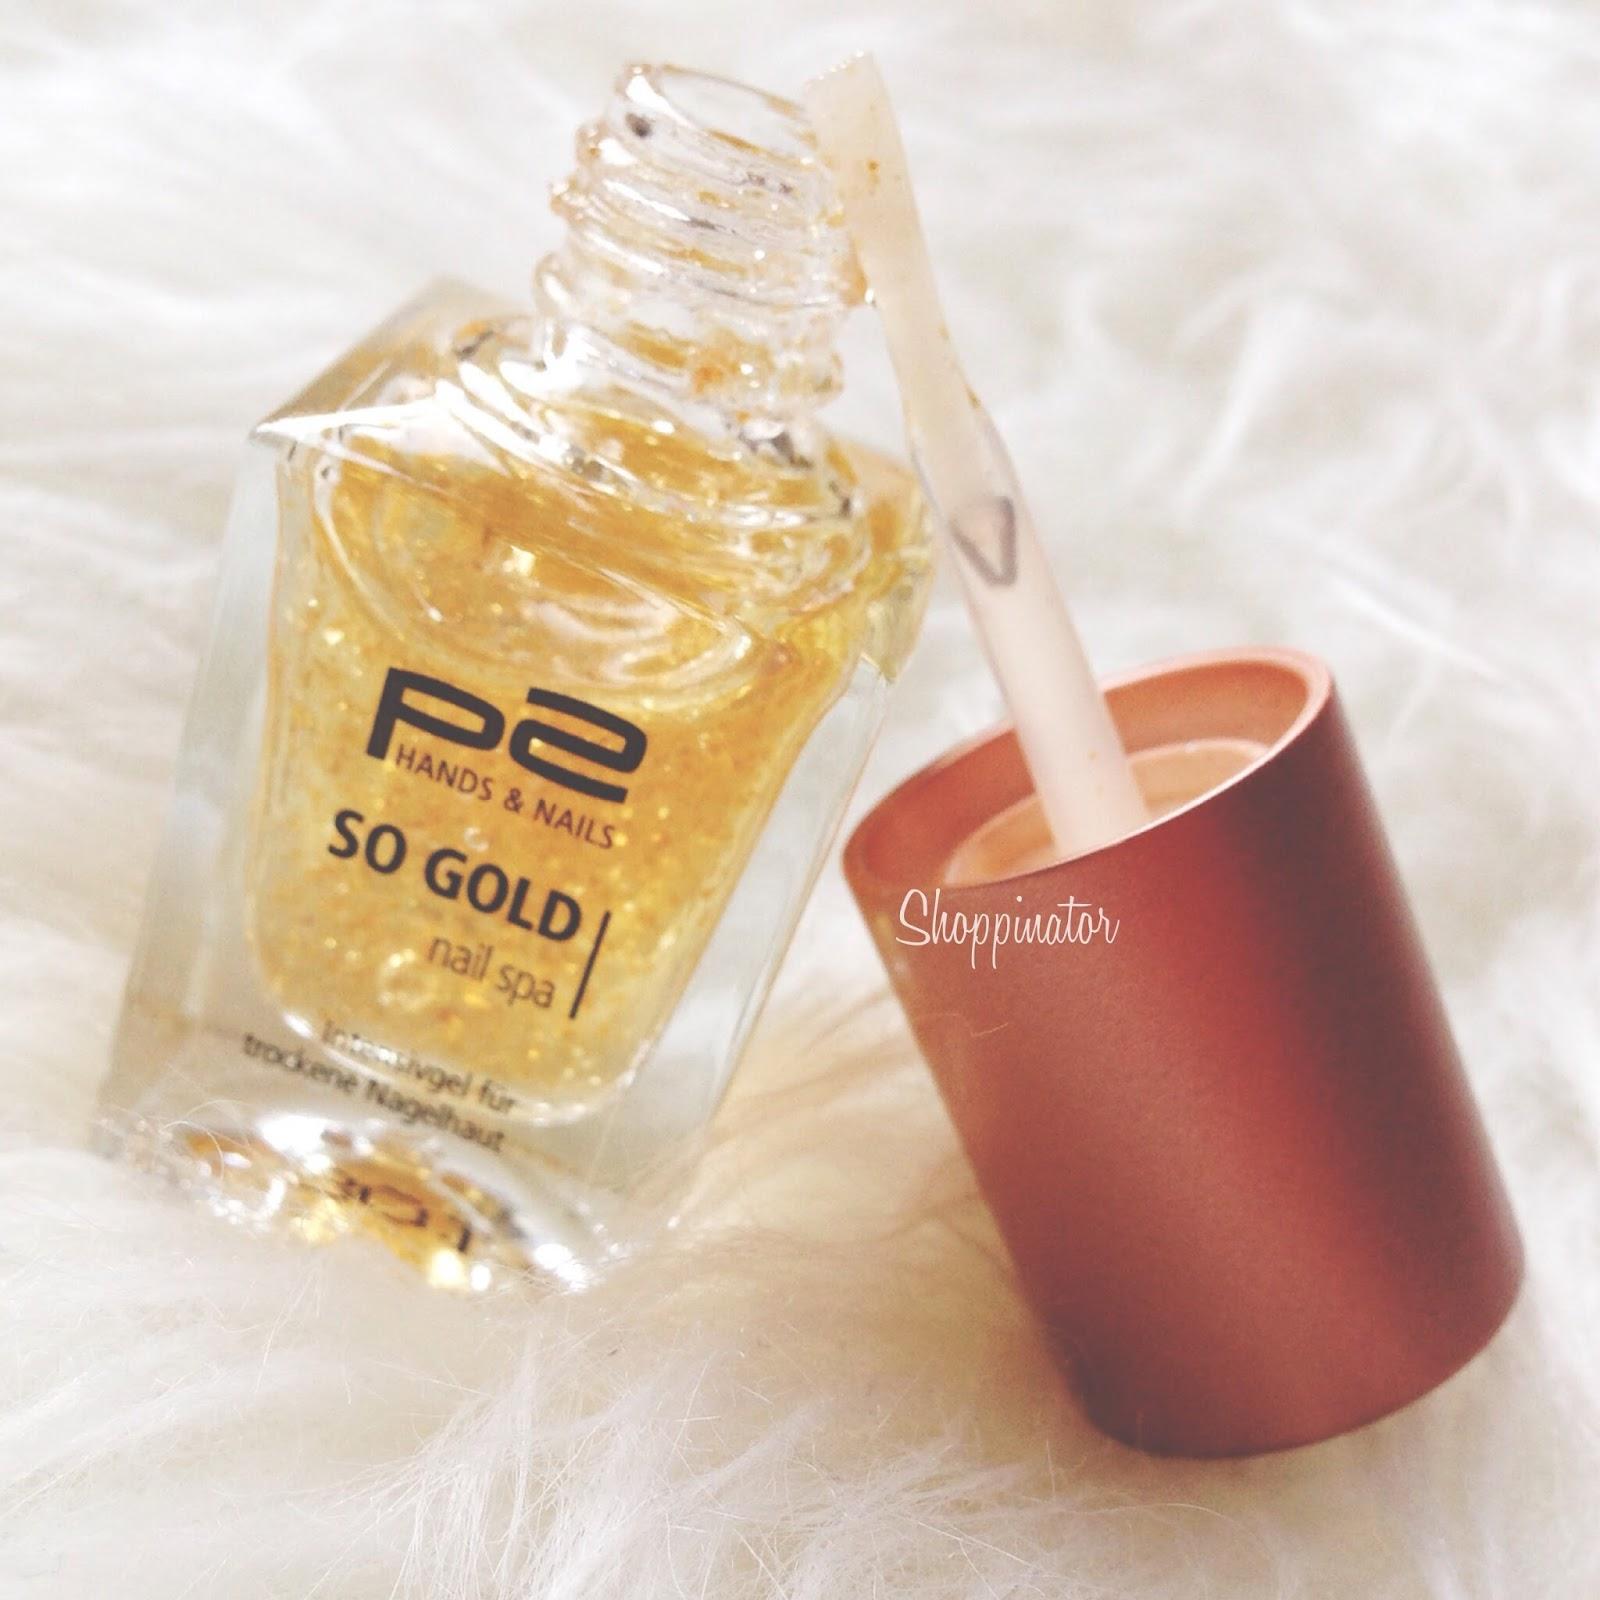 P2 'So Gold' Nail Spa Nagelgel – Review